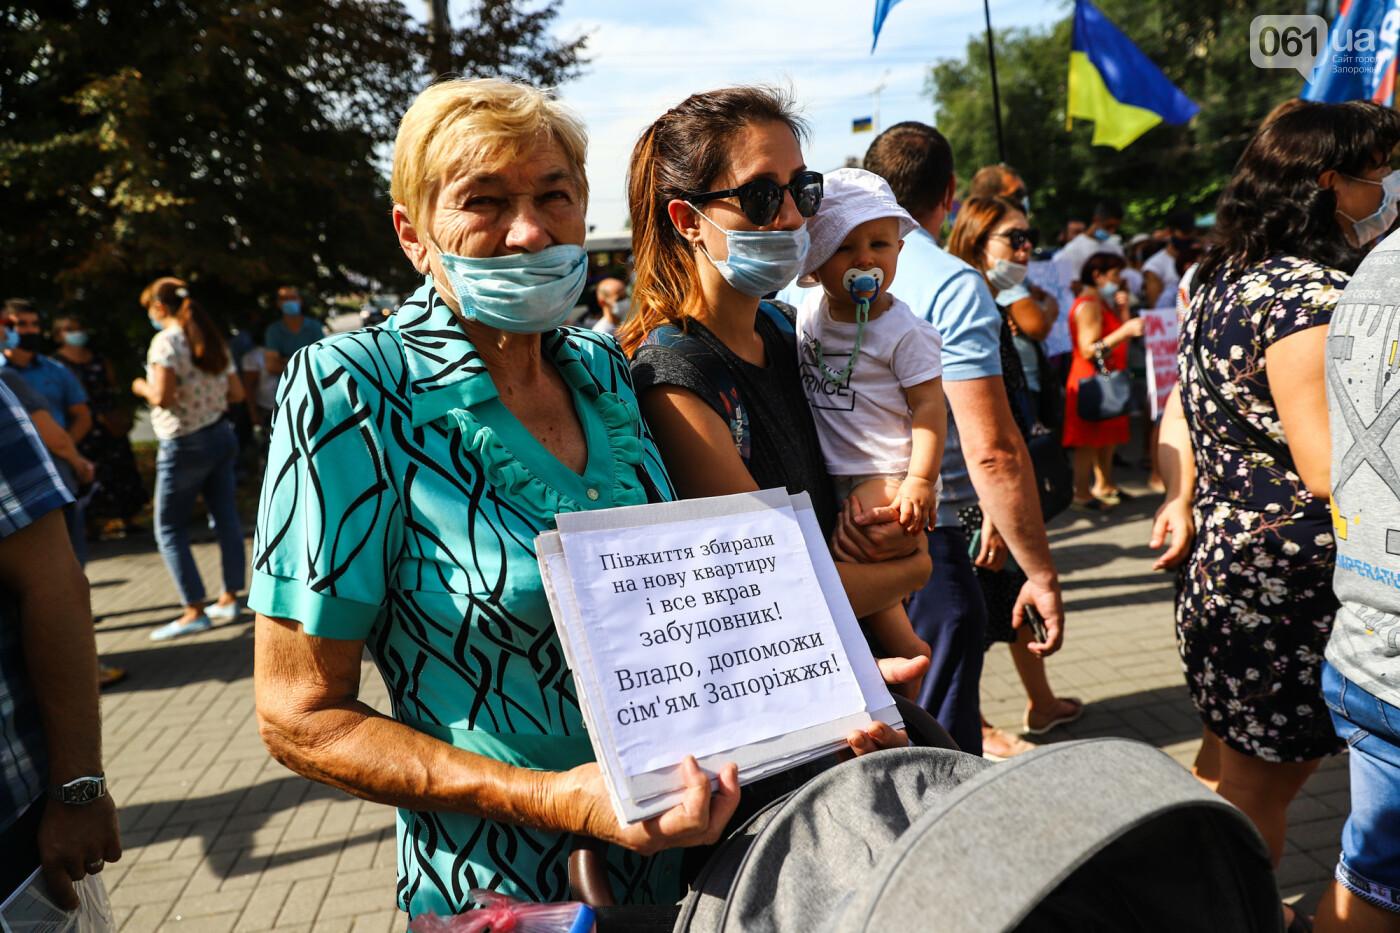 «Я выплачиваю кредит за воздух»: жильцы недостроенных многоэтажек вышли на митинг под стенами мэрии, - ФОТОРЕПОРТАЖ, фото-12